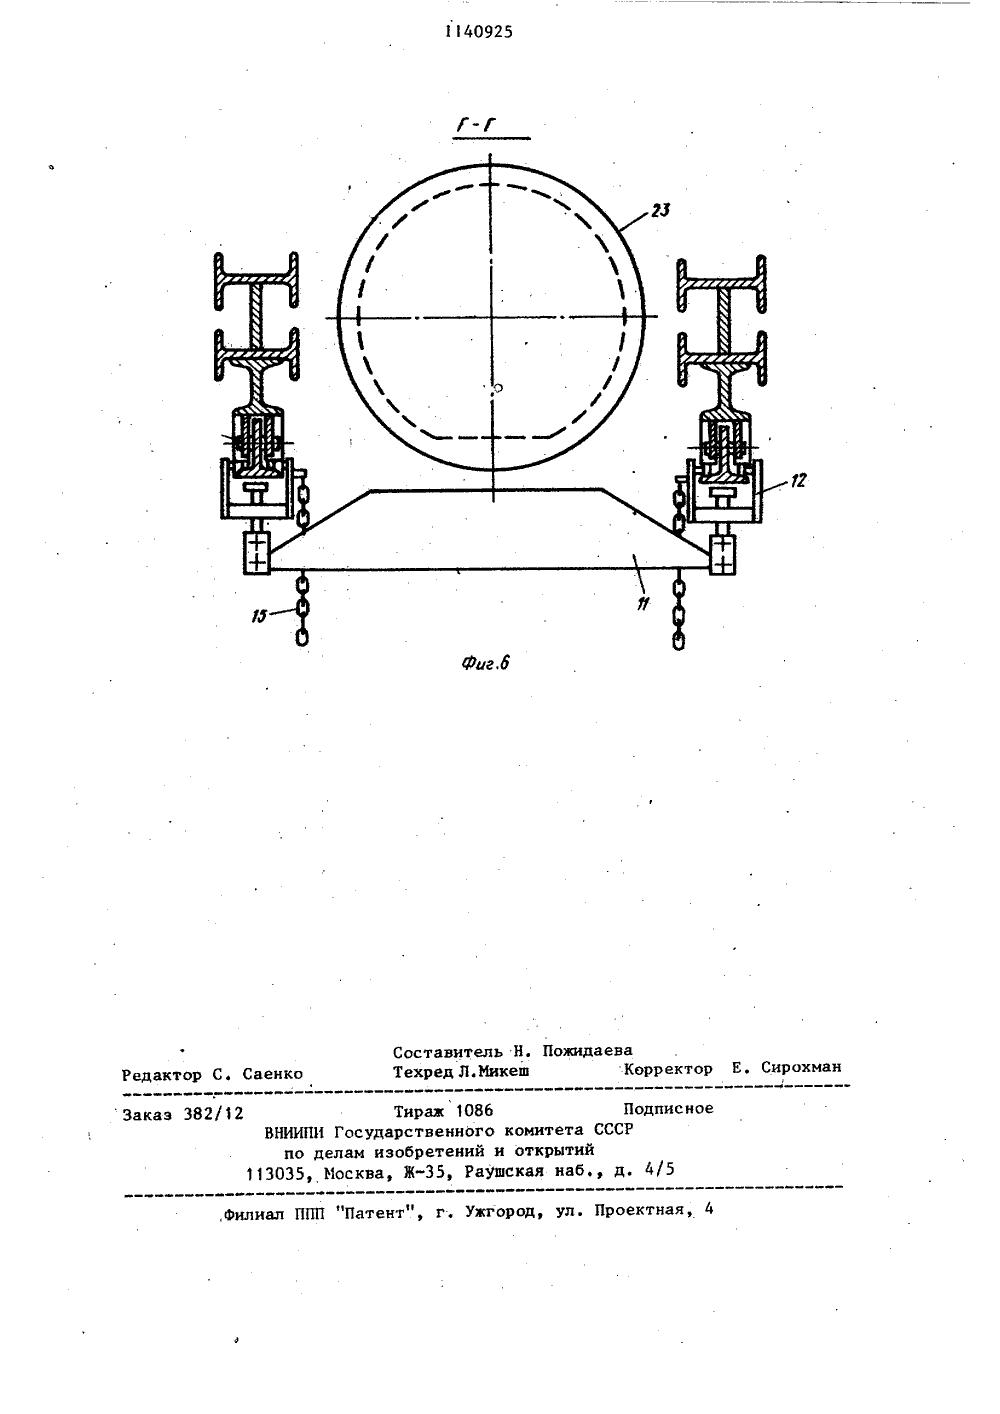 Сборка трубного пучка теплообменника Кожухотрубный конденсатор Alfa Laval McDEW 480 T Артём